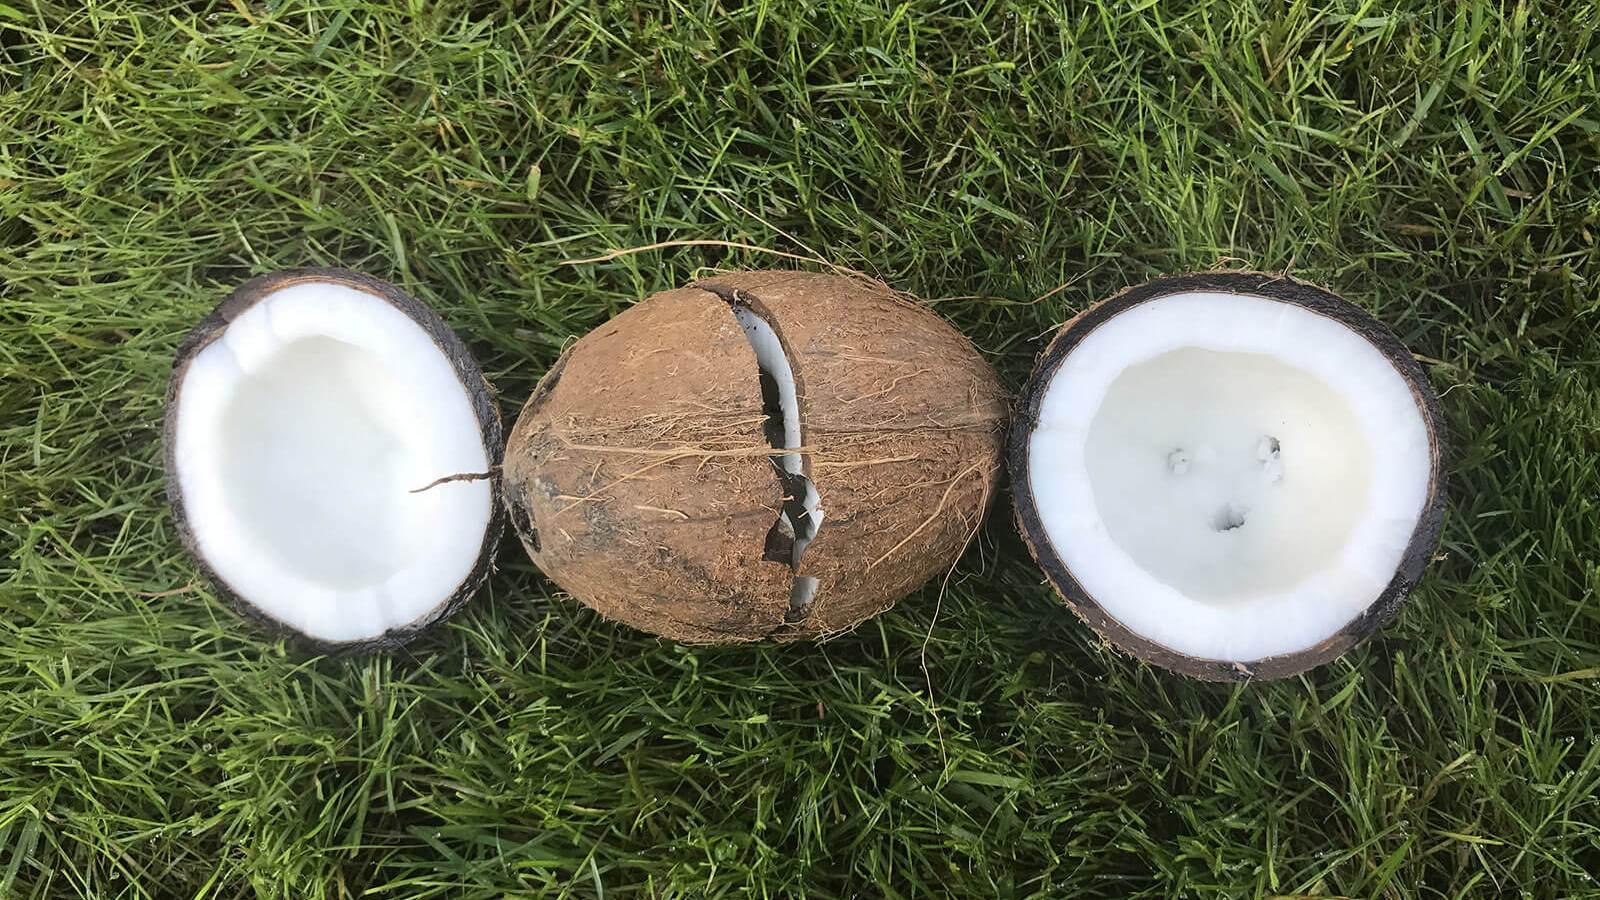 Jak otworzyć kokosa? – porady dla kobiet i mężczyzn